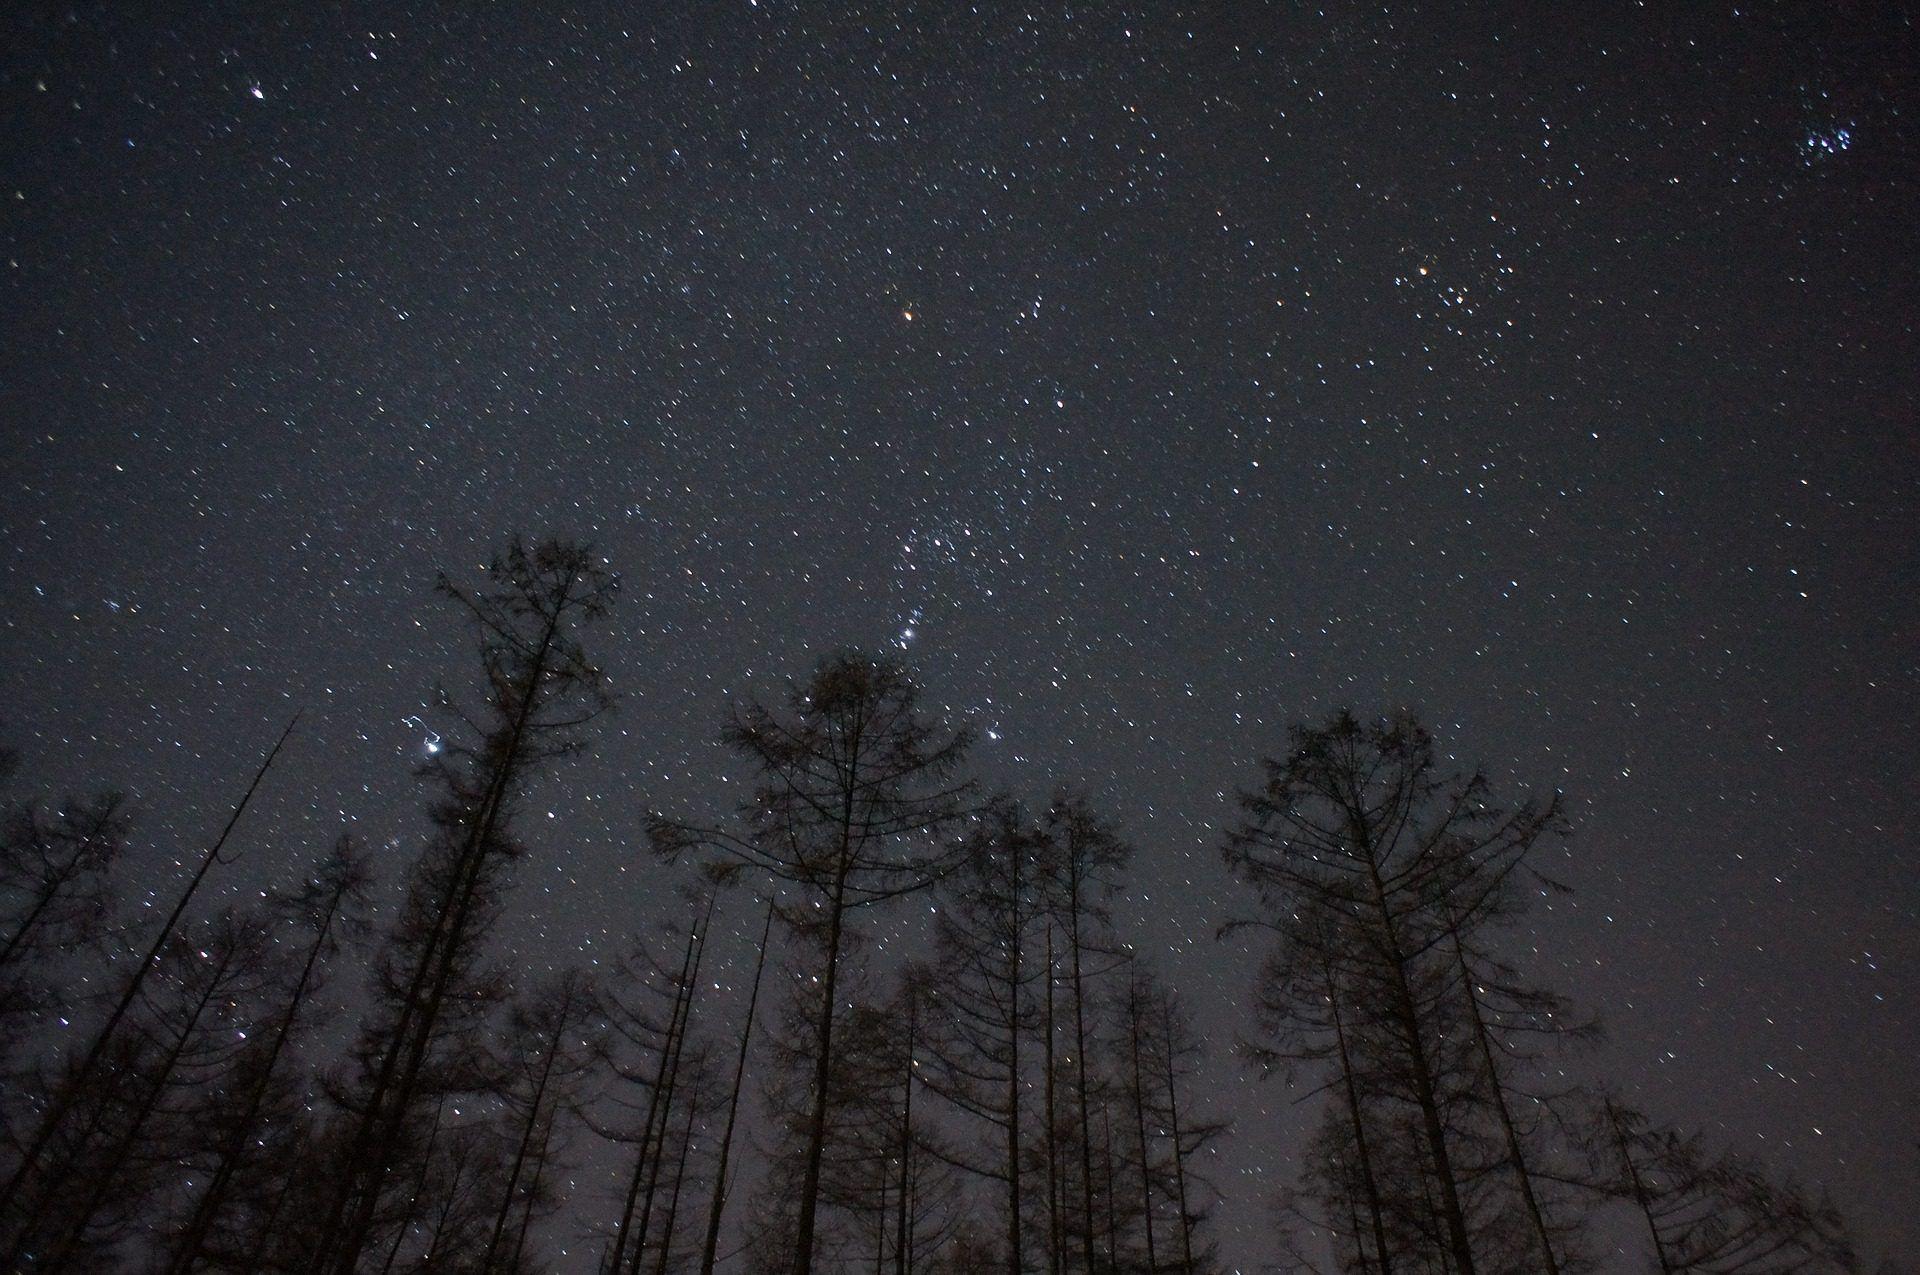 árboles, Cielo, Noche, Estrellas, Universo, 1710160854